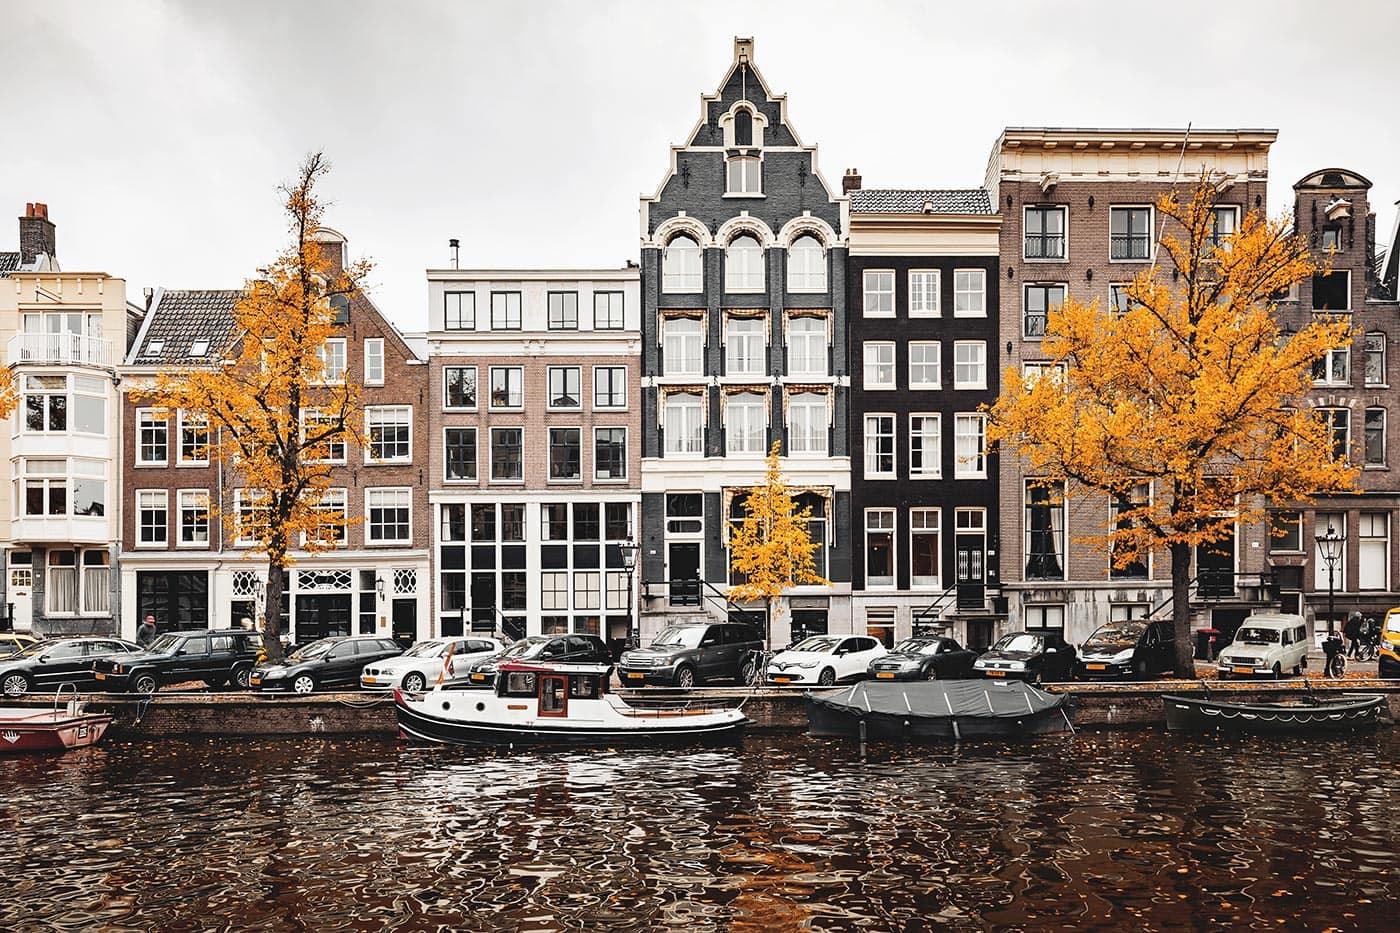 Häuserfassaden in der Prinsengracht in Amsterdam, Niederlande